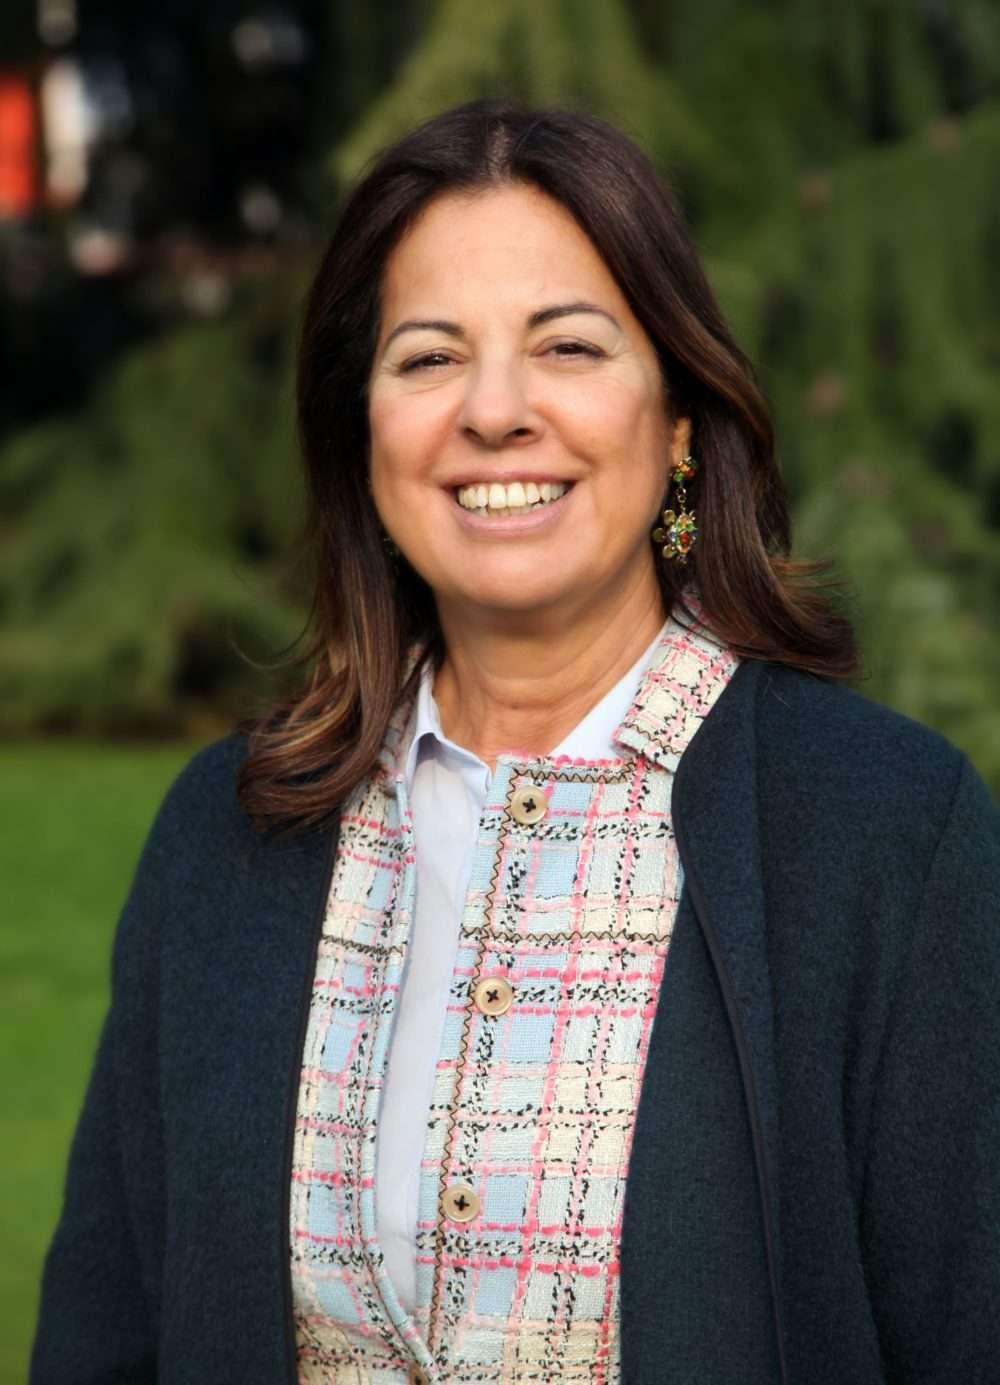 Daniela De Donno